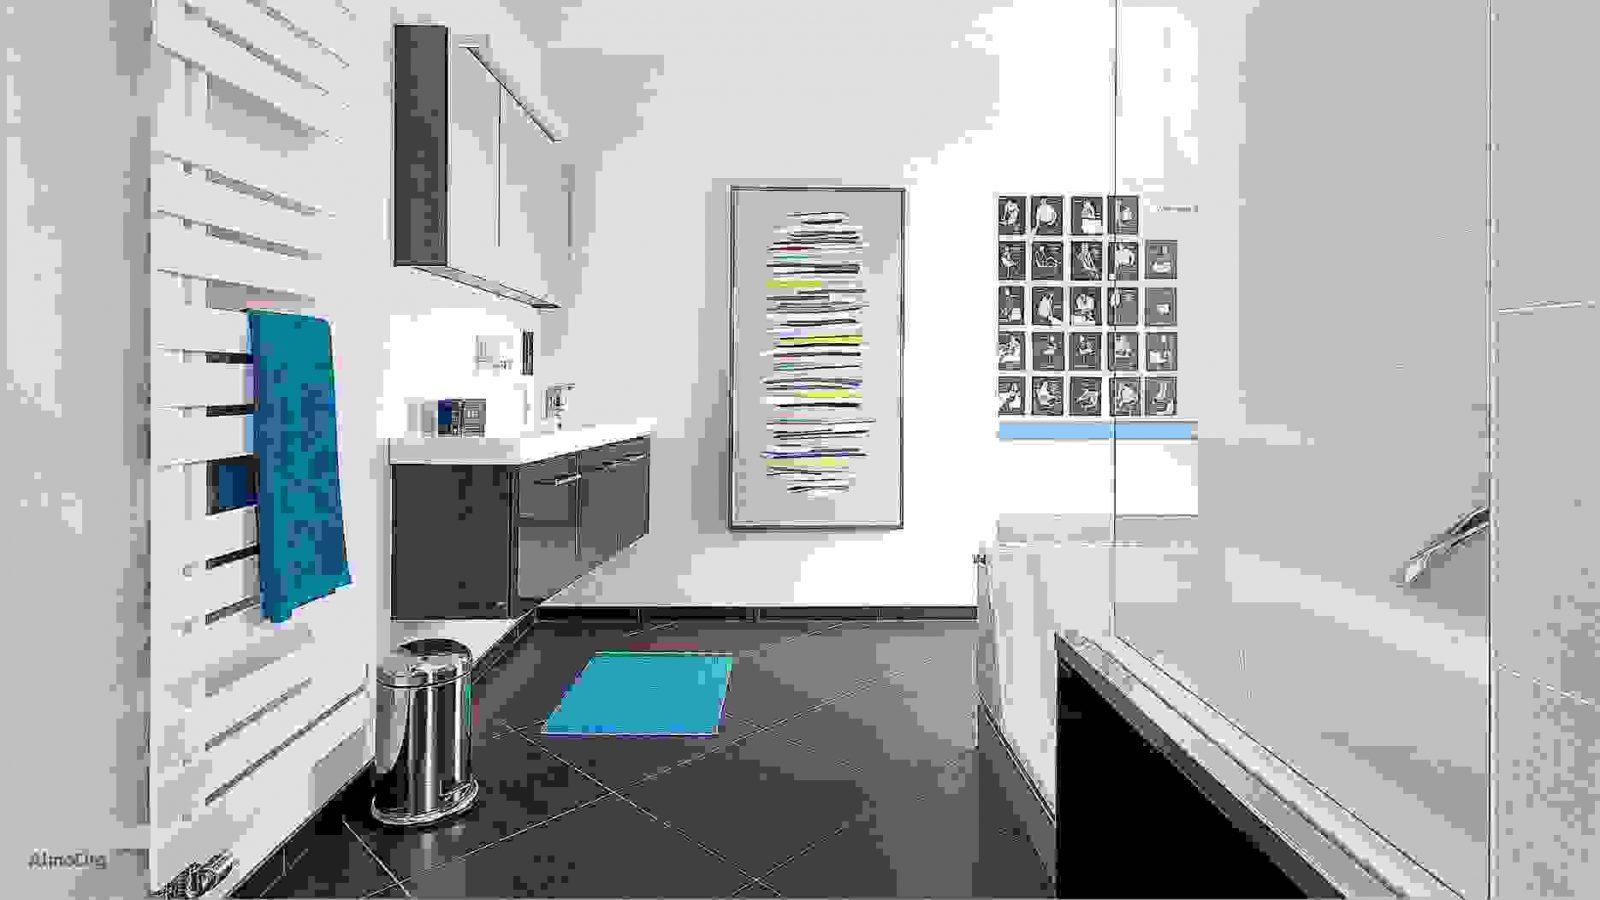 Badezimmer Ausstellung Nrw Design Badezimmer Ausstellung Nrw  Almo Drg von Badezimmer Ausstellung Nrw Bild